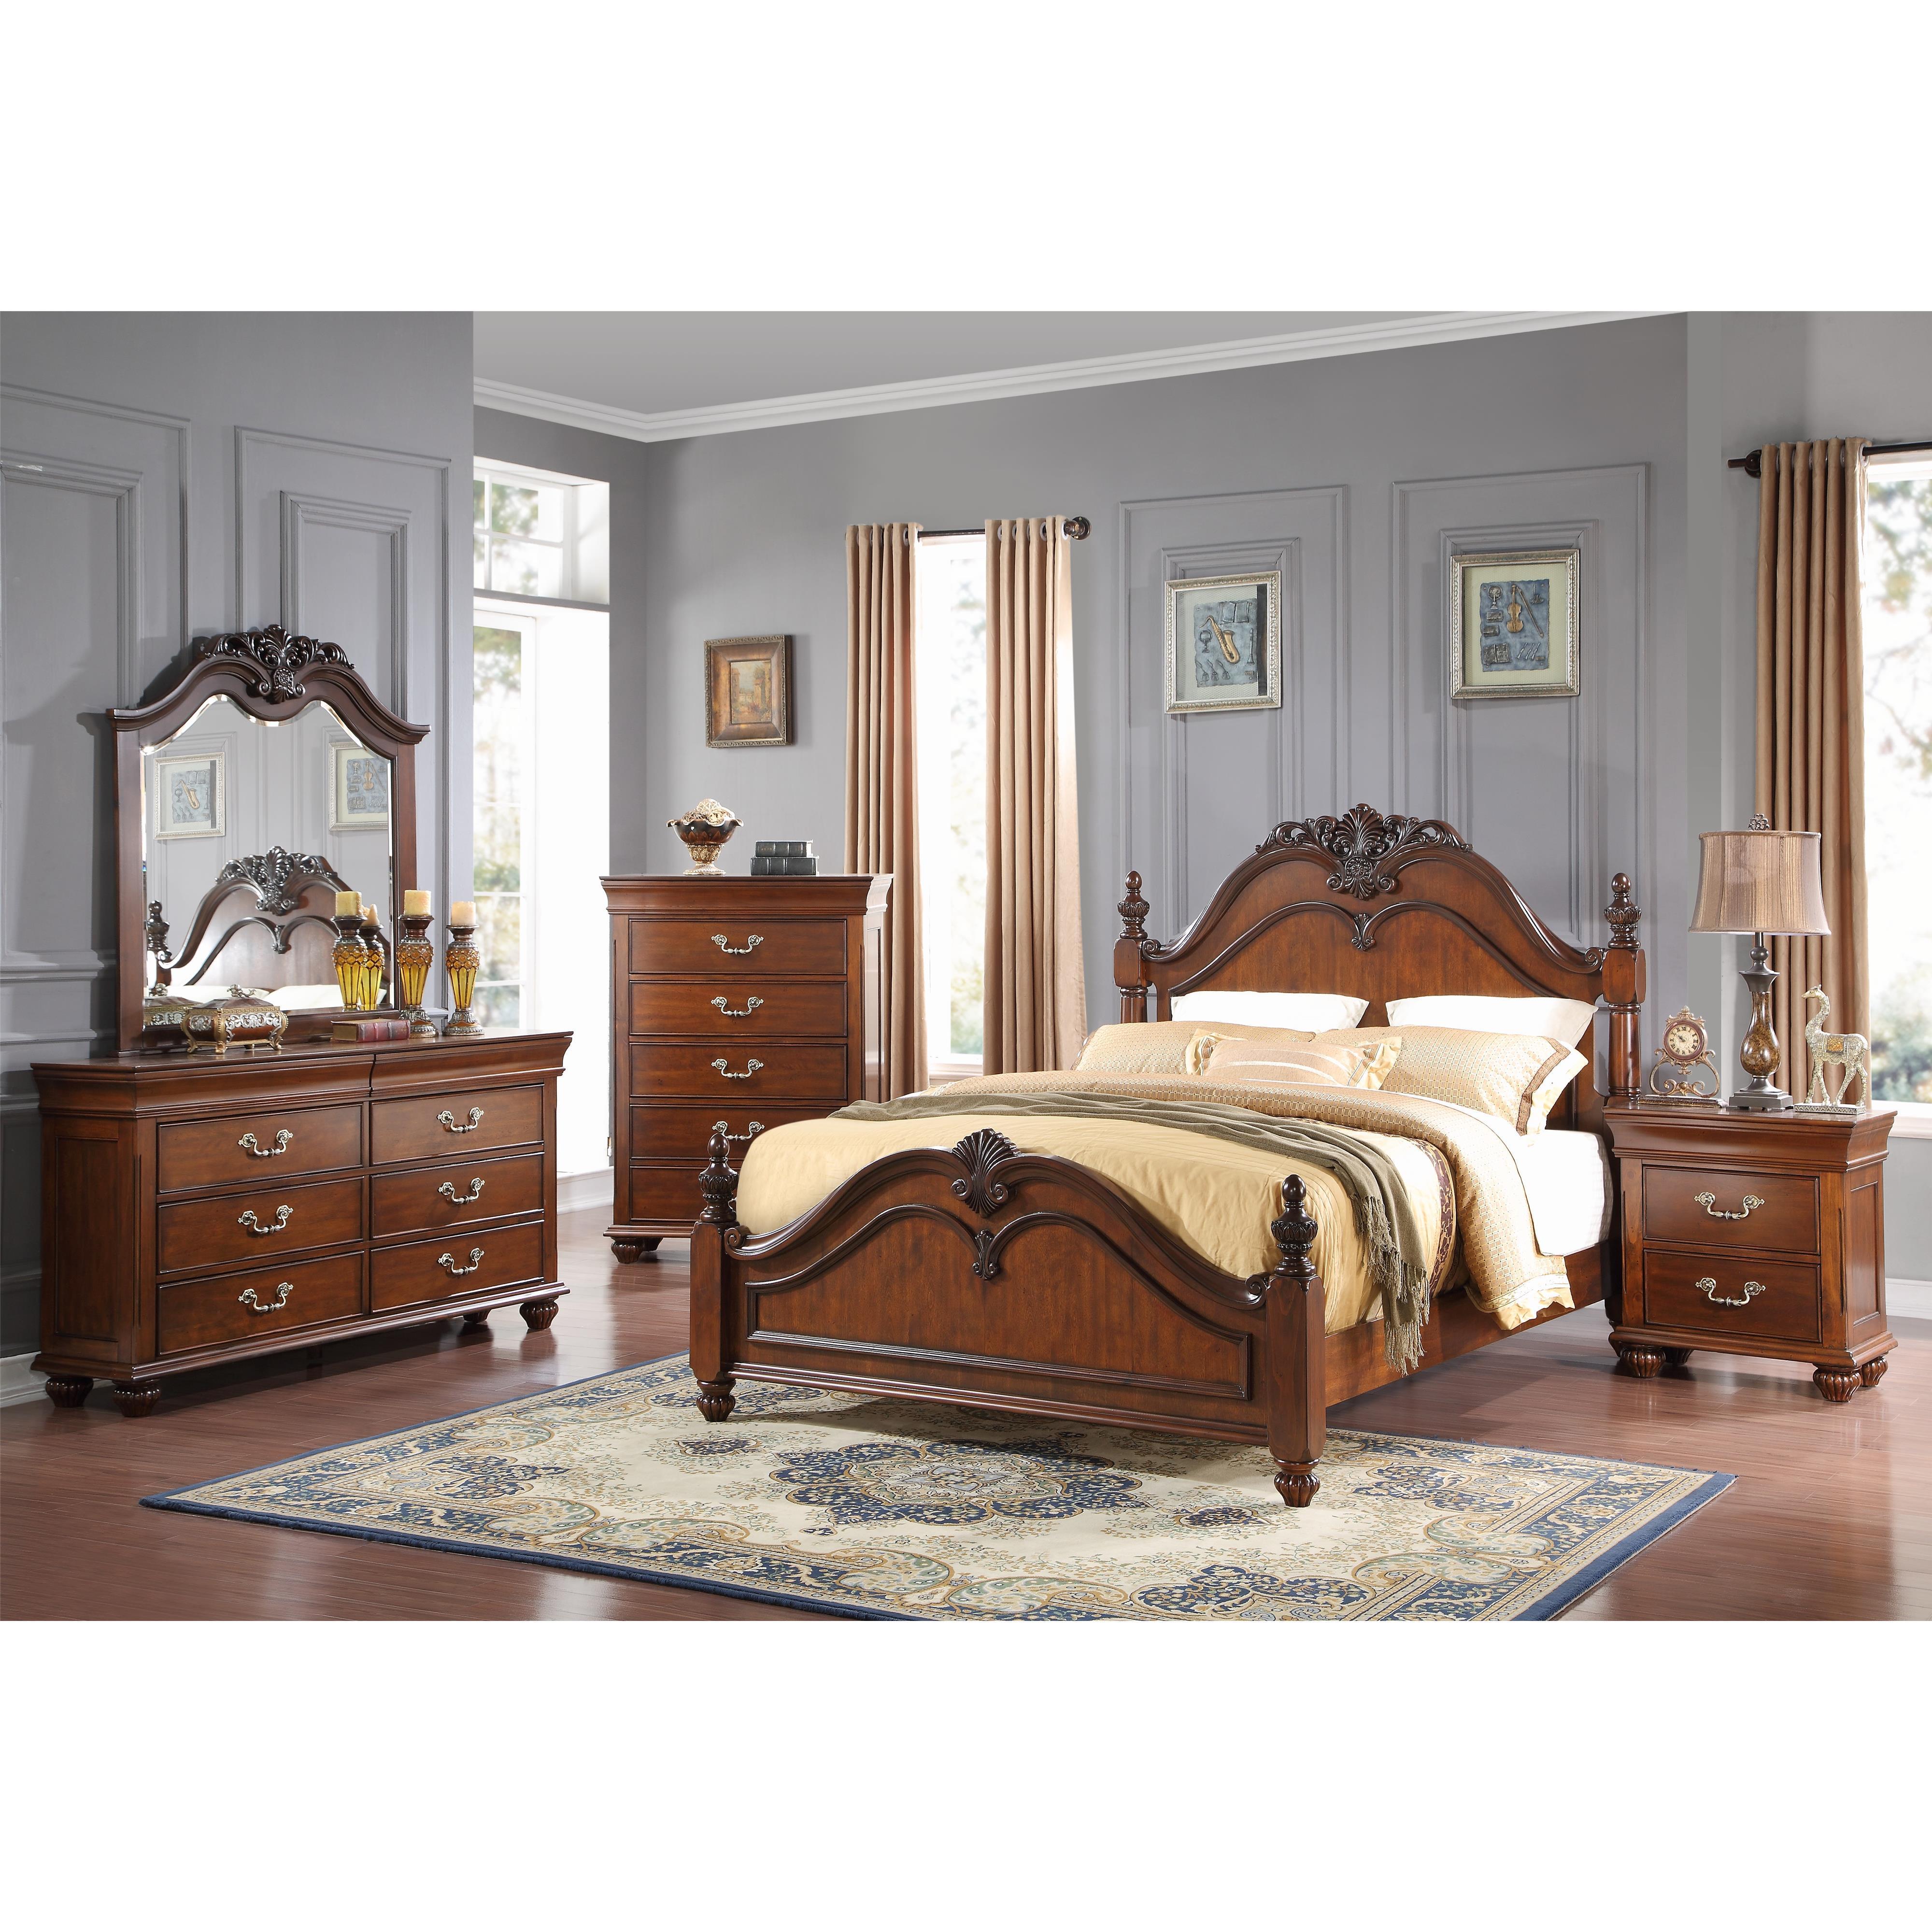 New Classic Jaquelyn Bedroom Group - Item Number: 8651 Q2